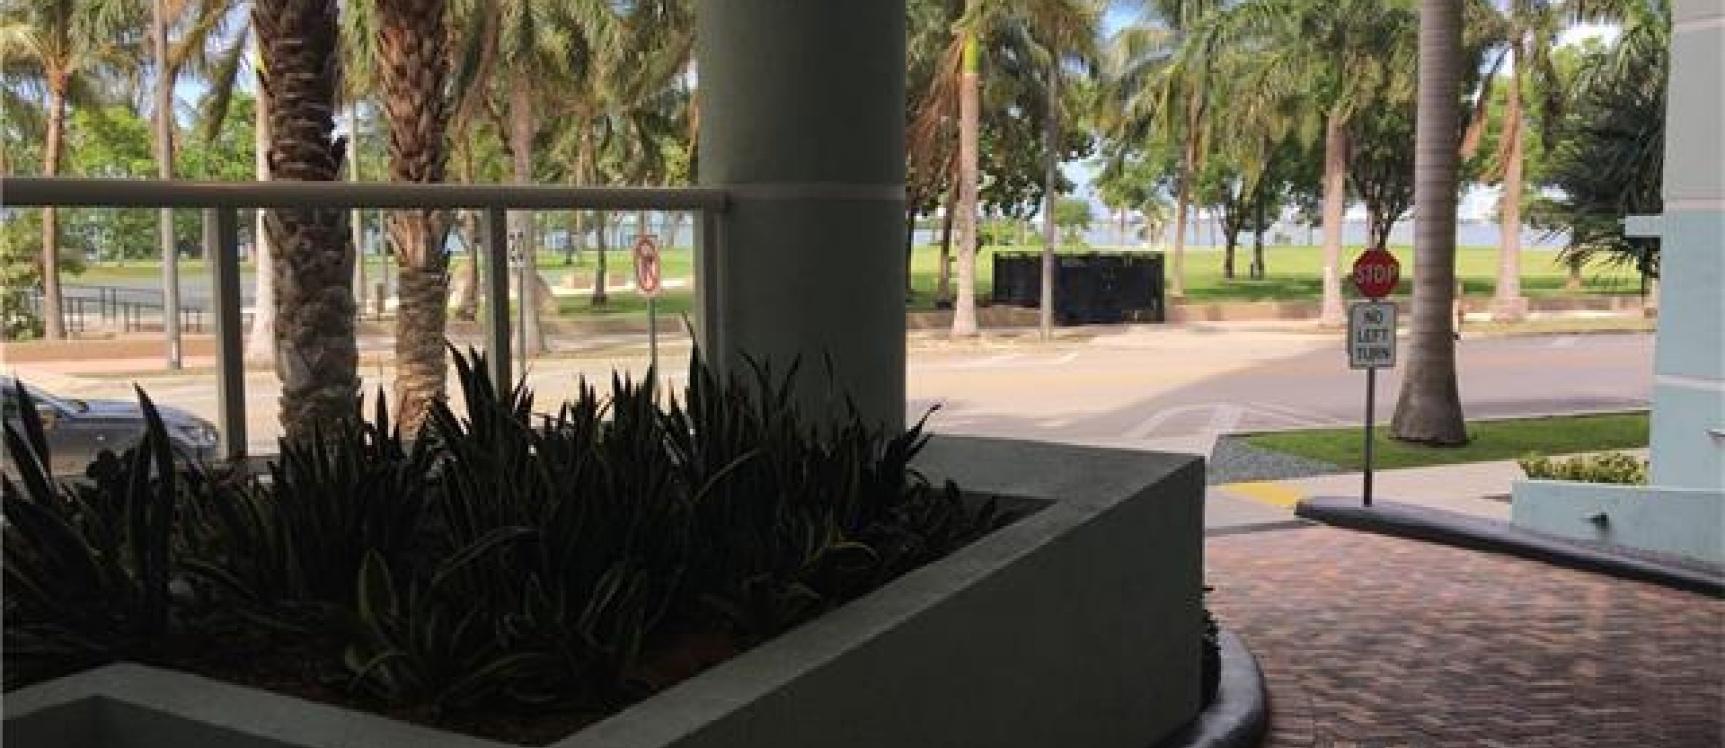 GeoBienes - Departamento en Quantum on the Bay-MIAMI - Plusvalia Guayaquil Casas de venta y alquiler Inmobiliaria Ecuador